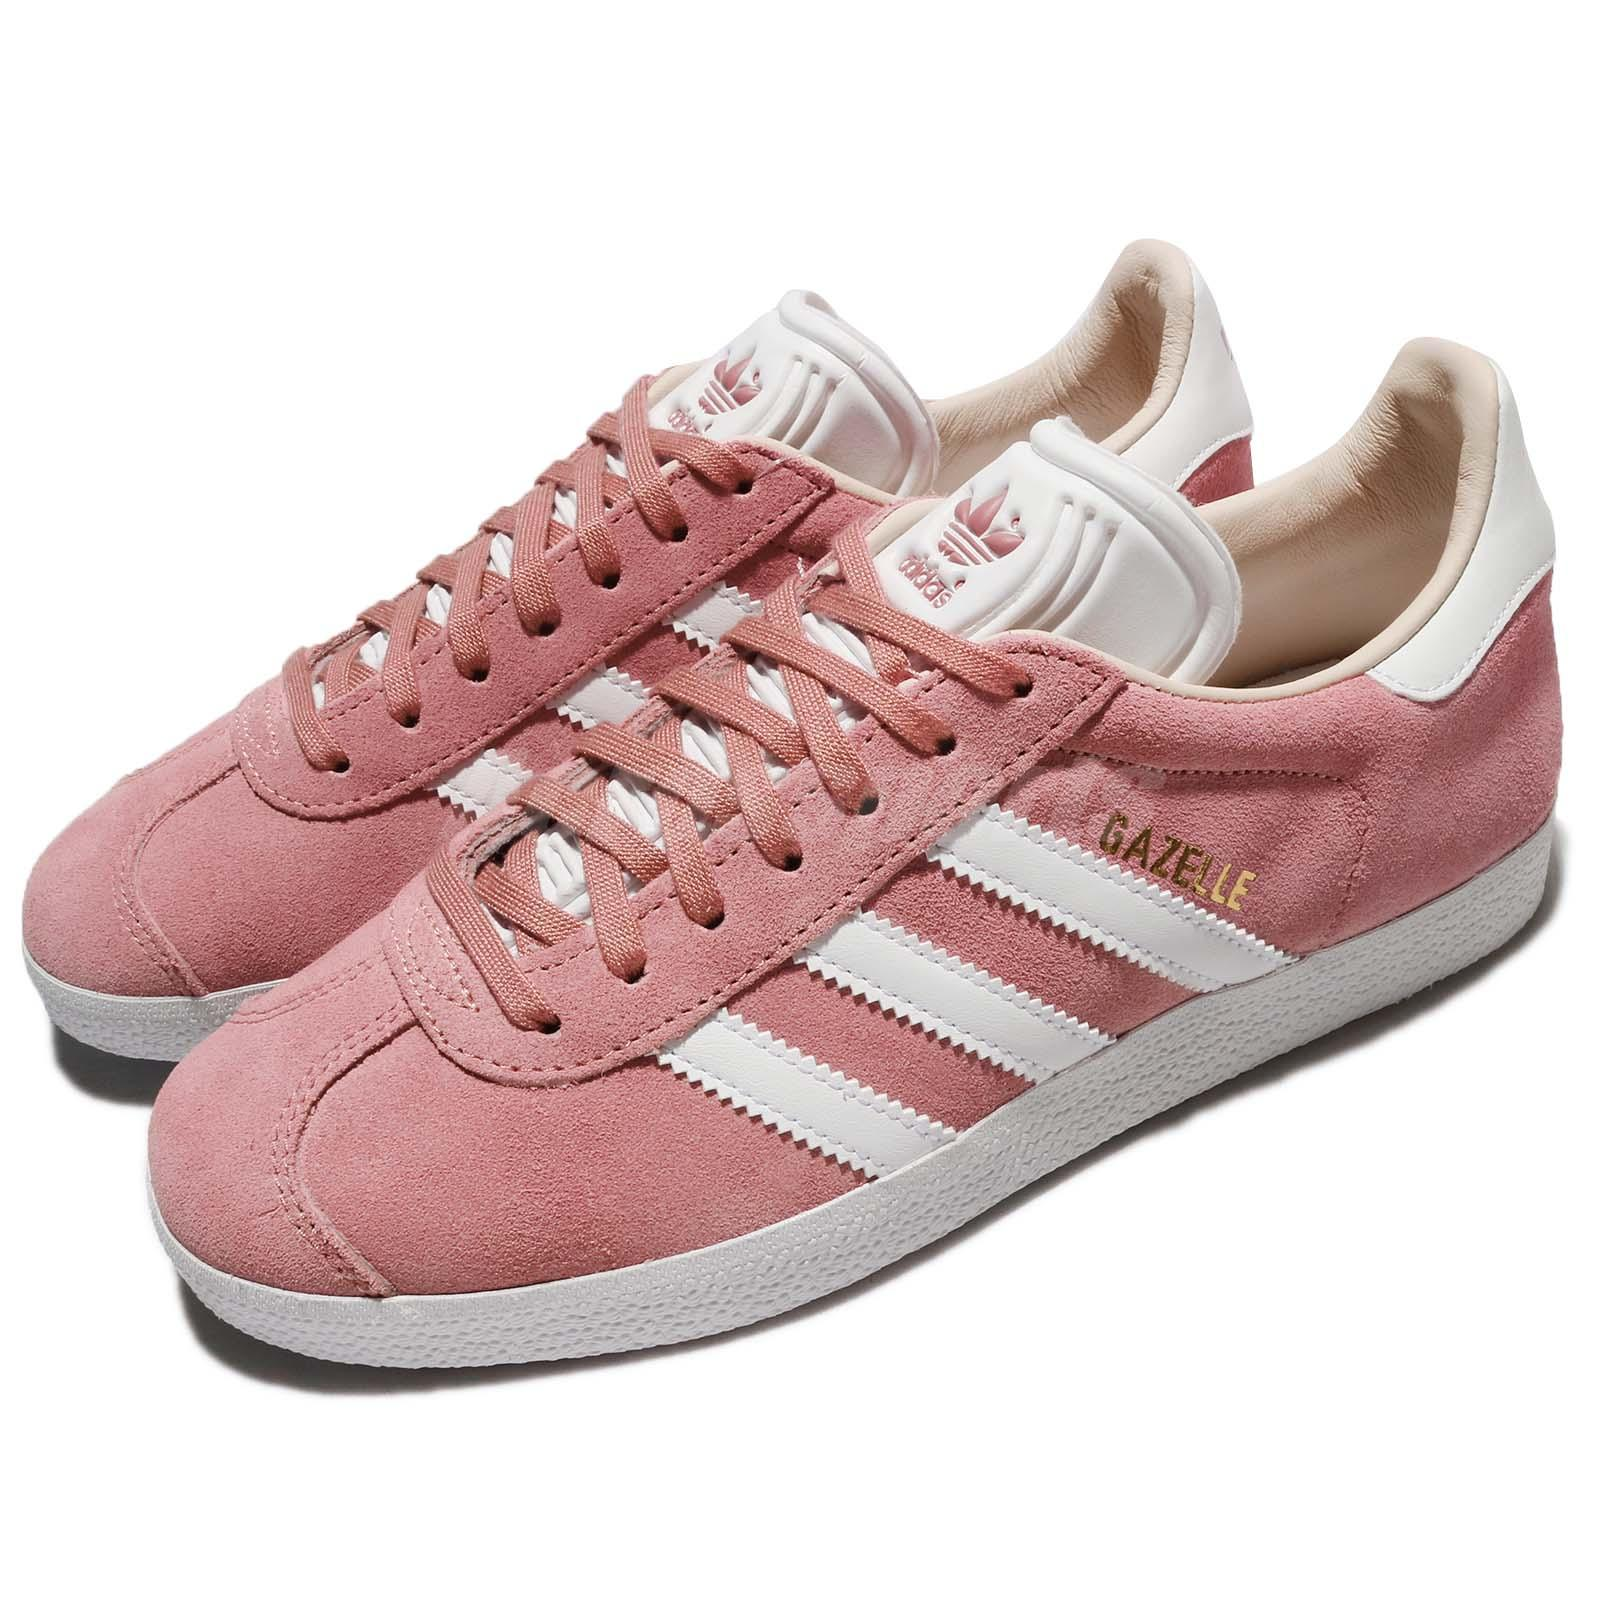 adidas gazelle dam rosa